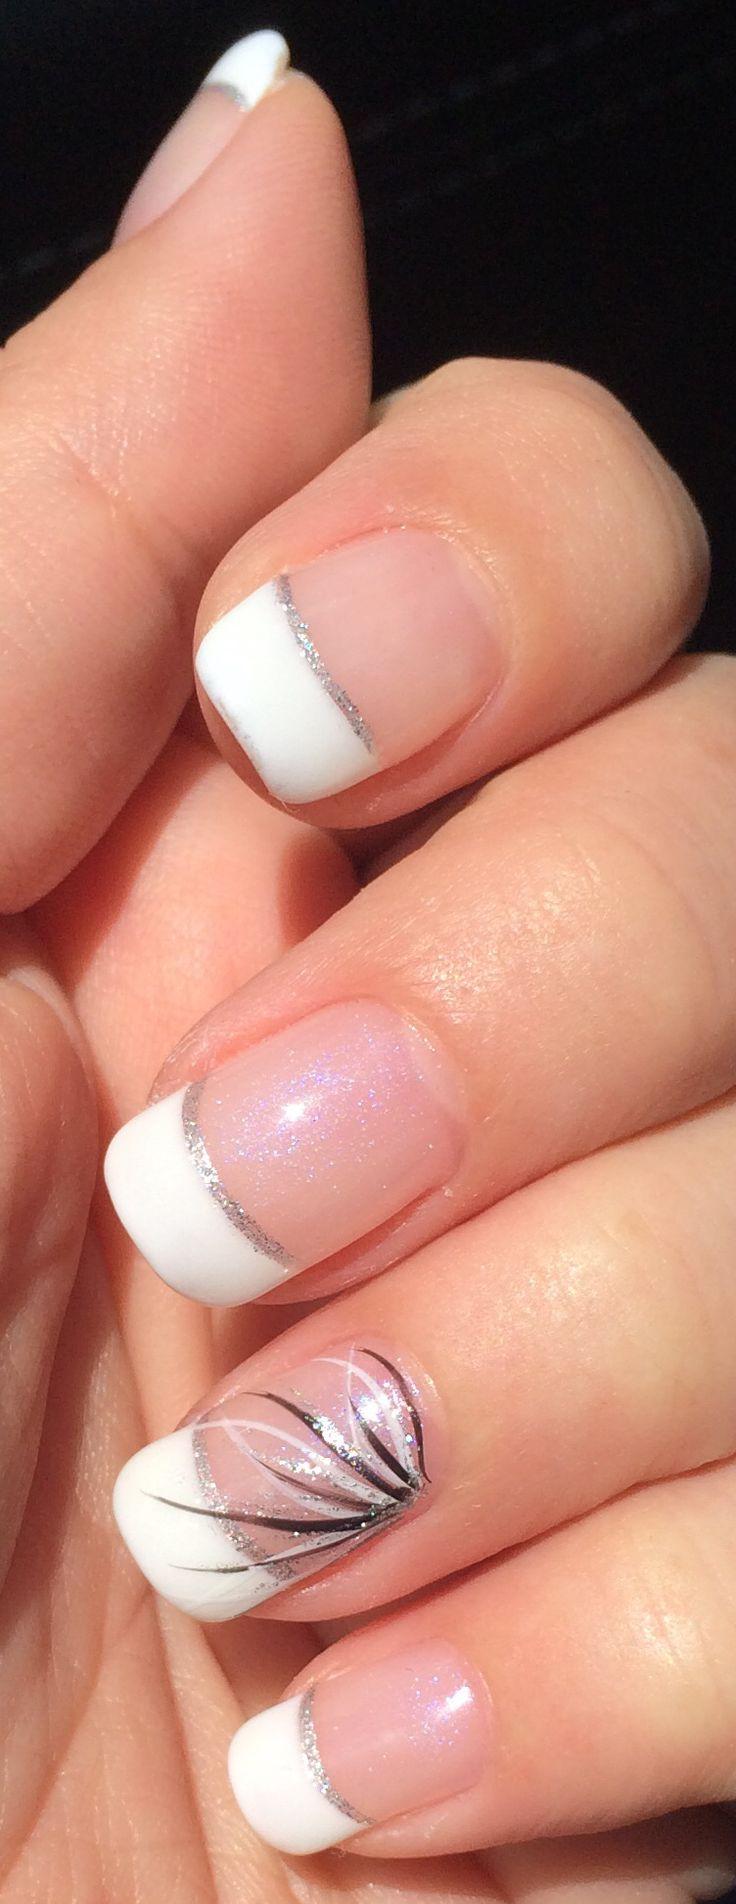 Uñas de gel. Base de Opal, puntas blancas, línea de plata y diseño negro / blanco / plata